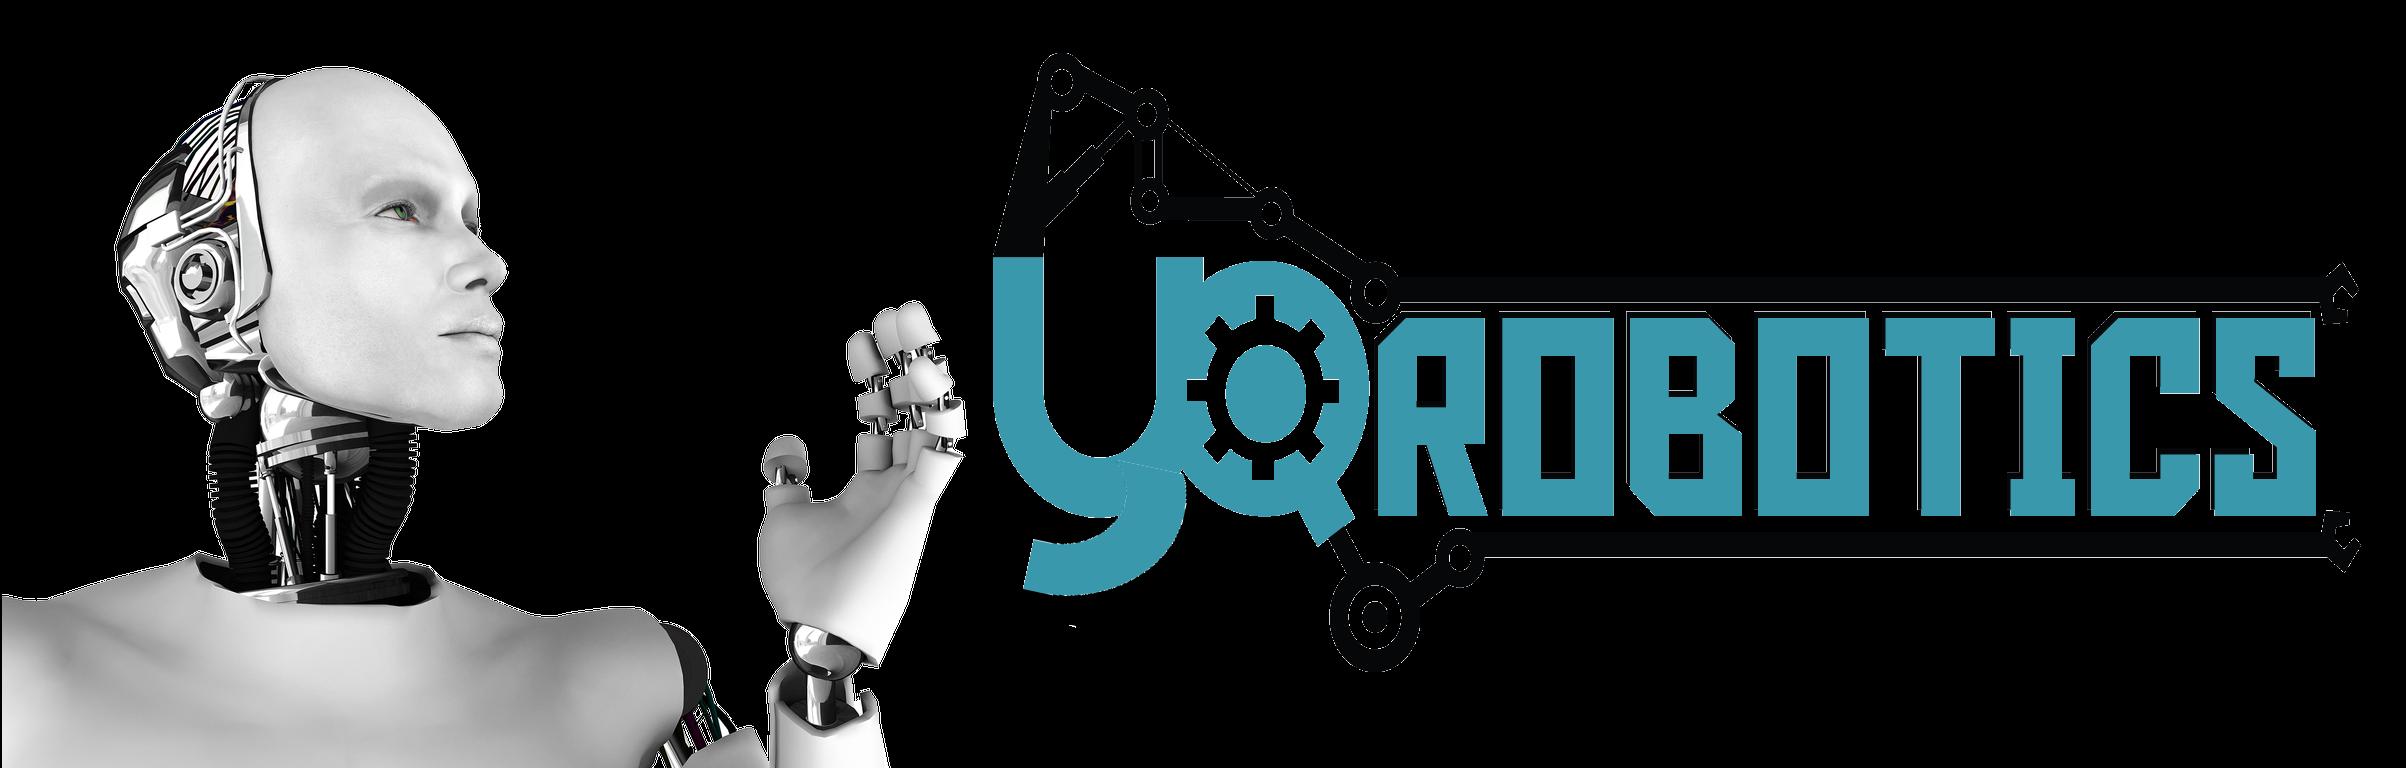 yorobotics